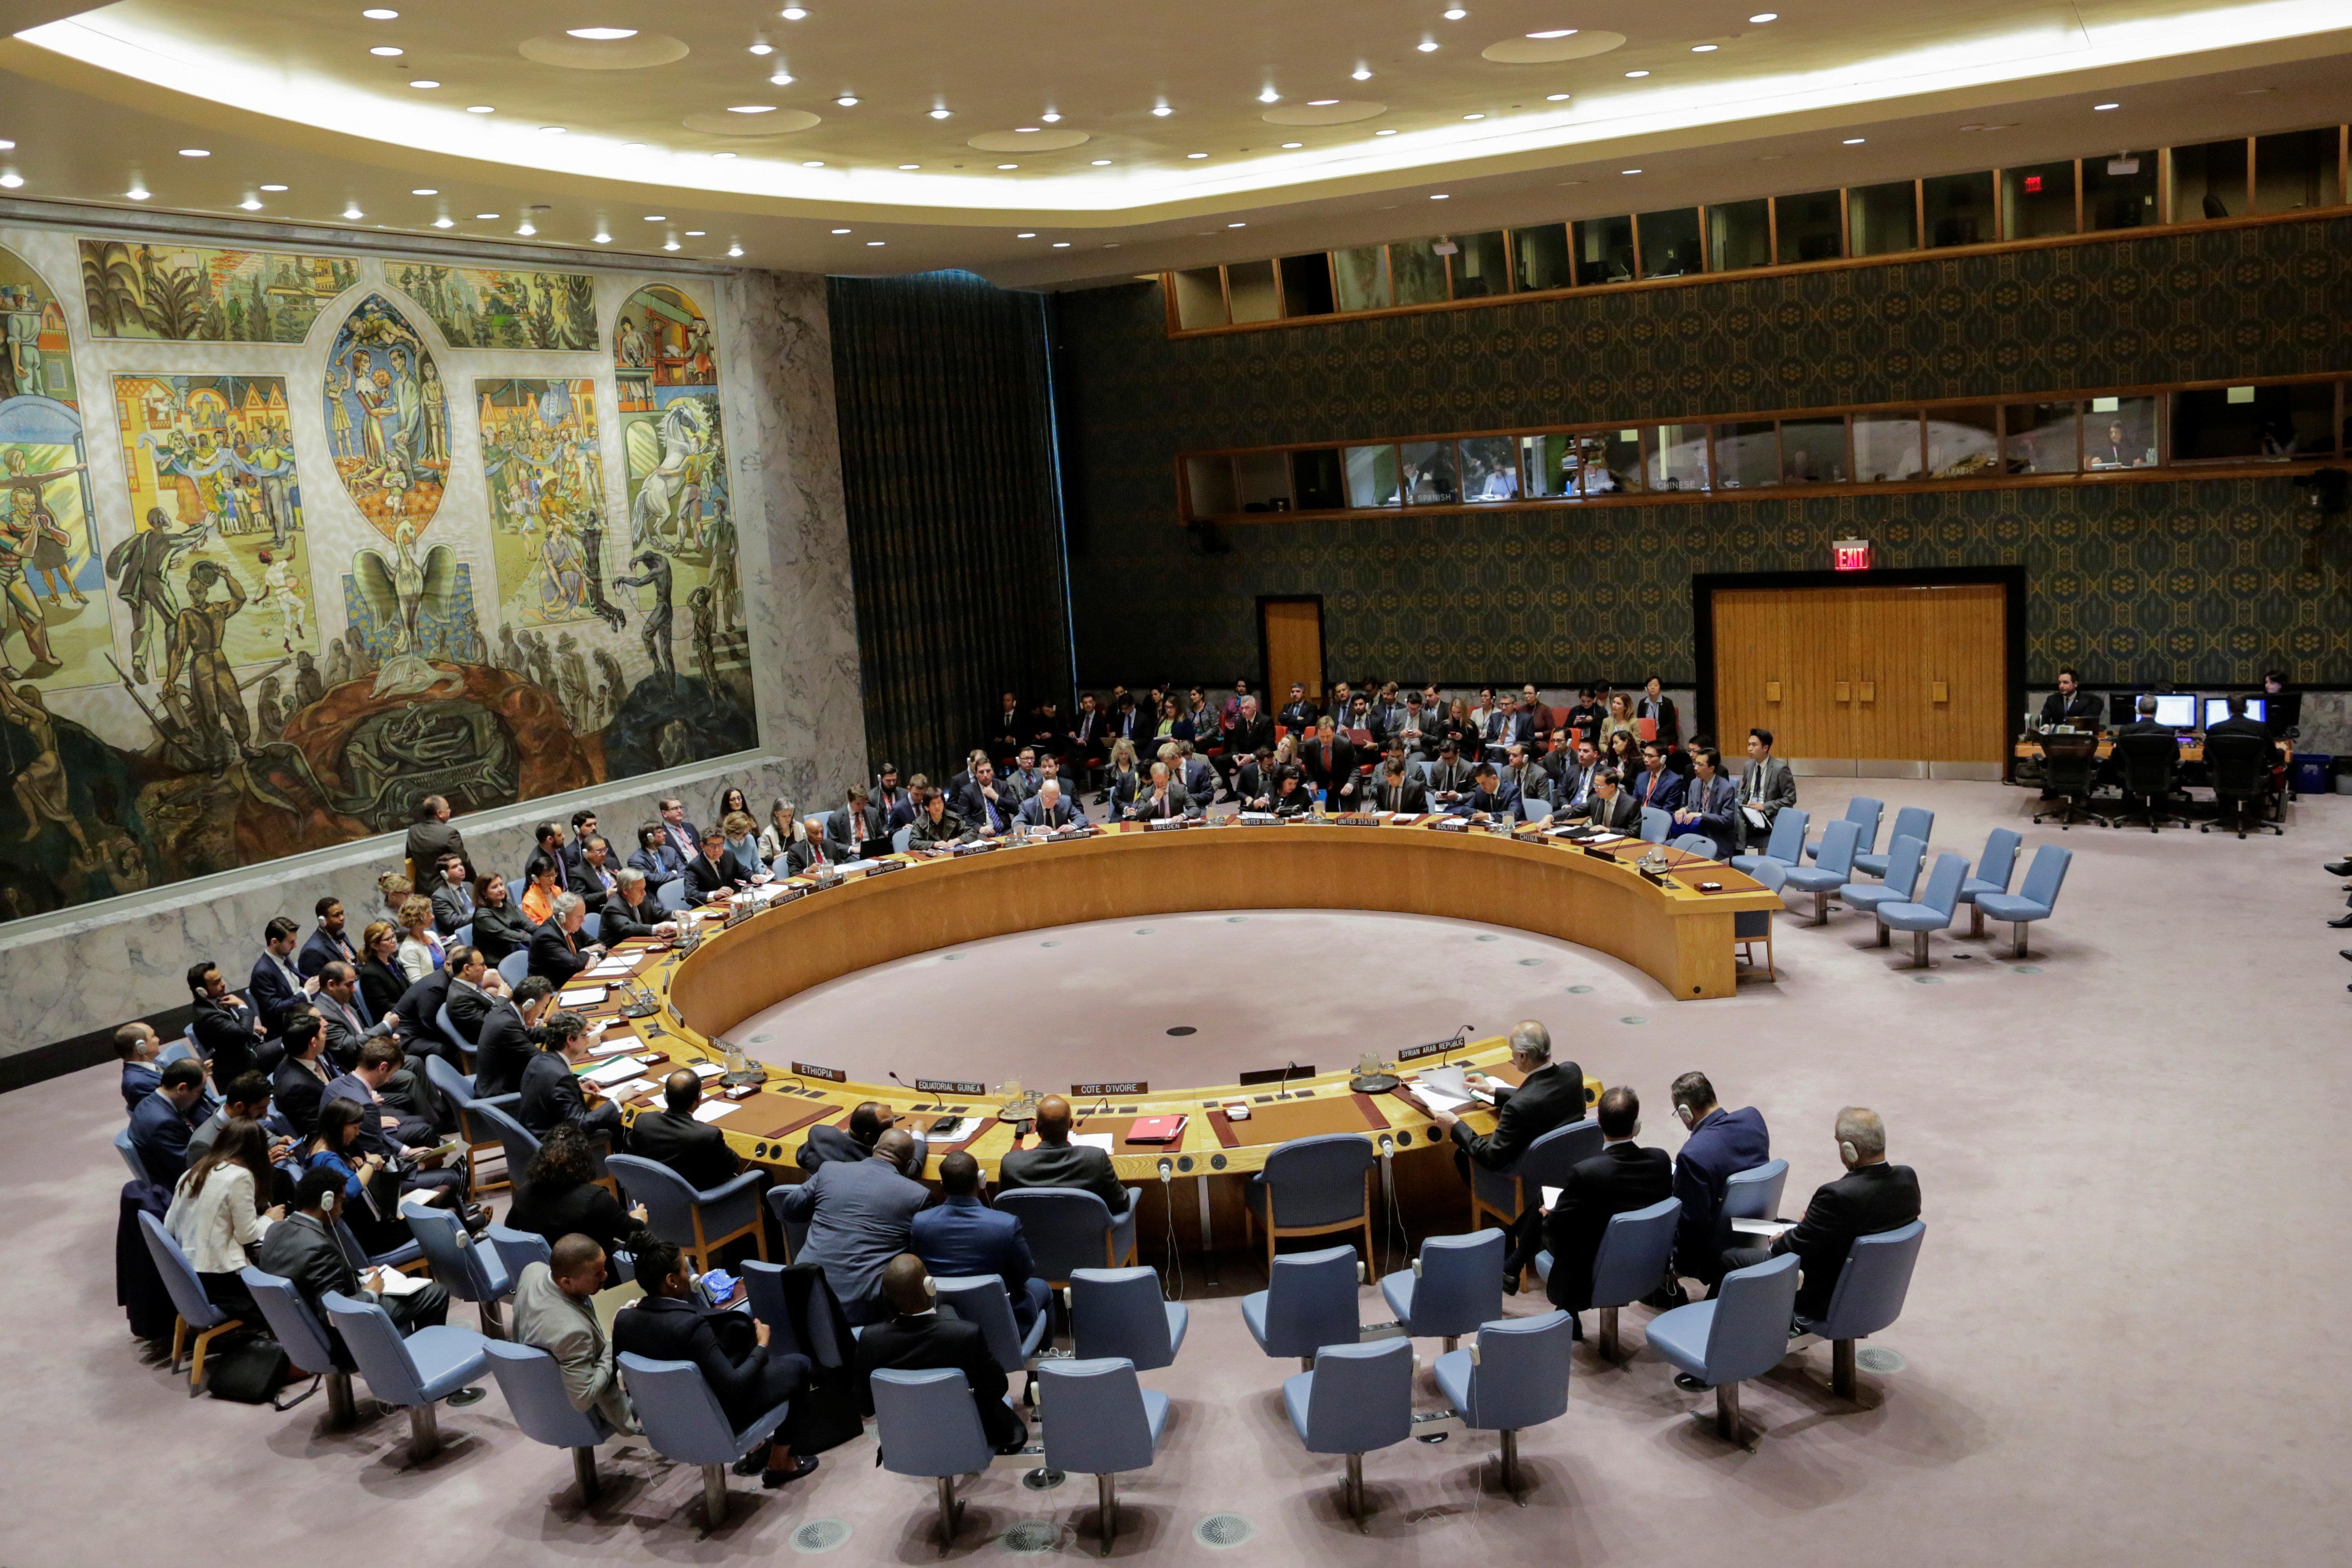 Syrie: projet de résolution russe demandant à l'ONU de condamner les